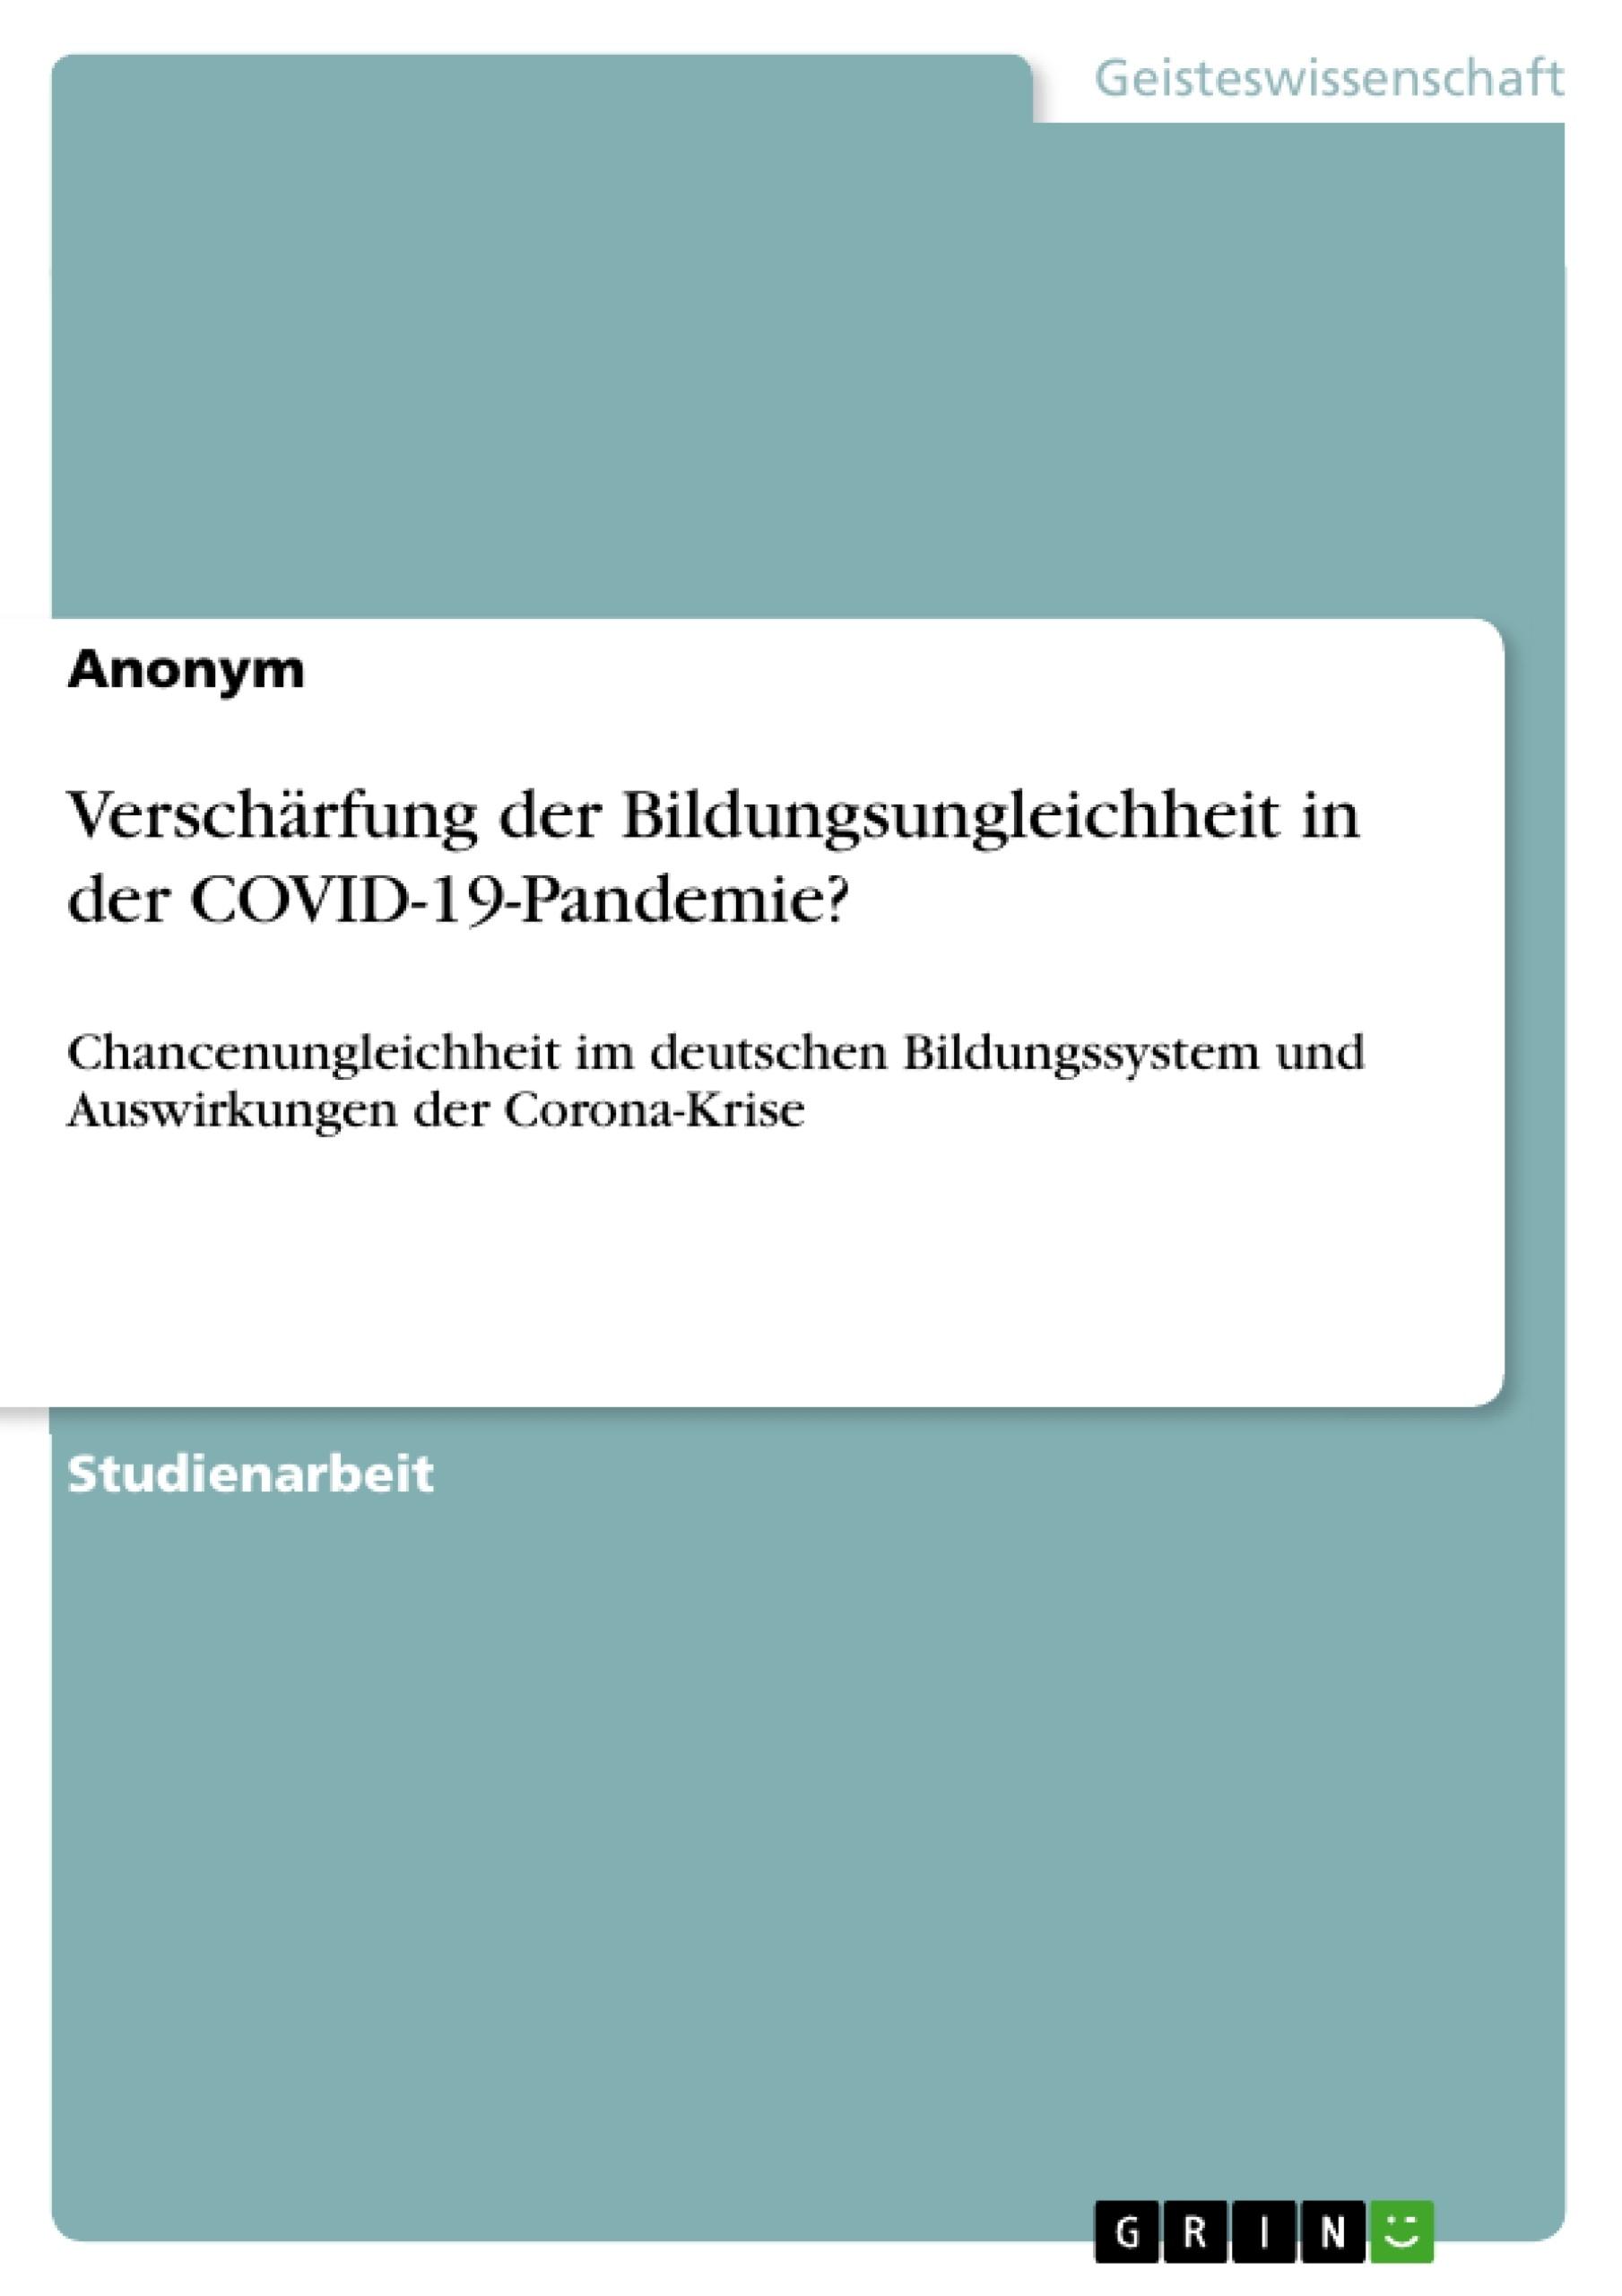 Titel: Verschärfung der Bildungsungleichheit in der COVID-19-Pandemie?